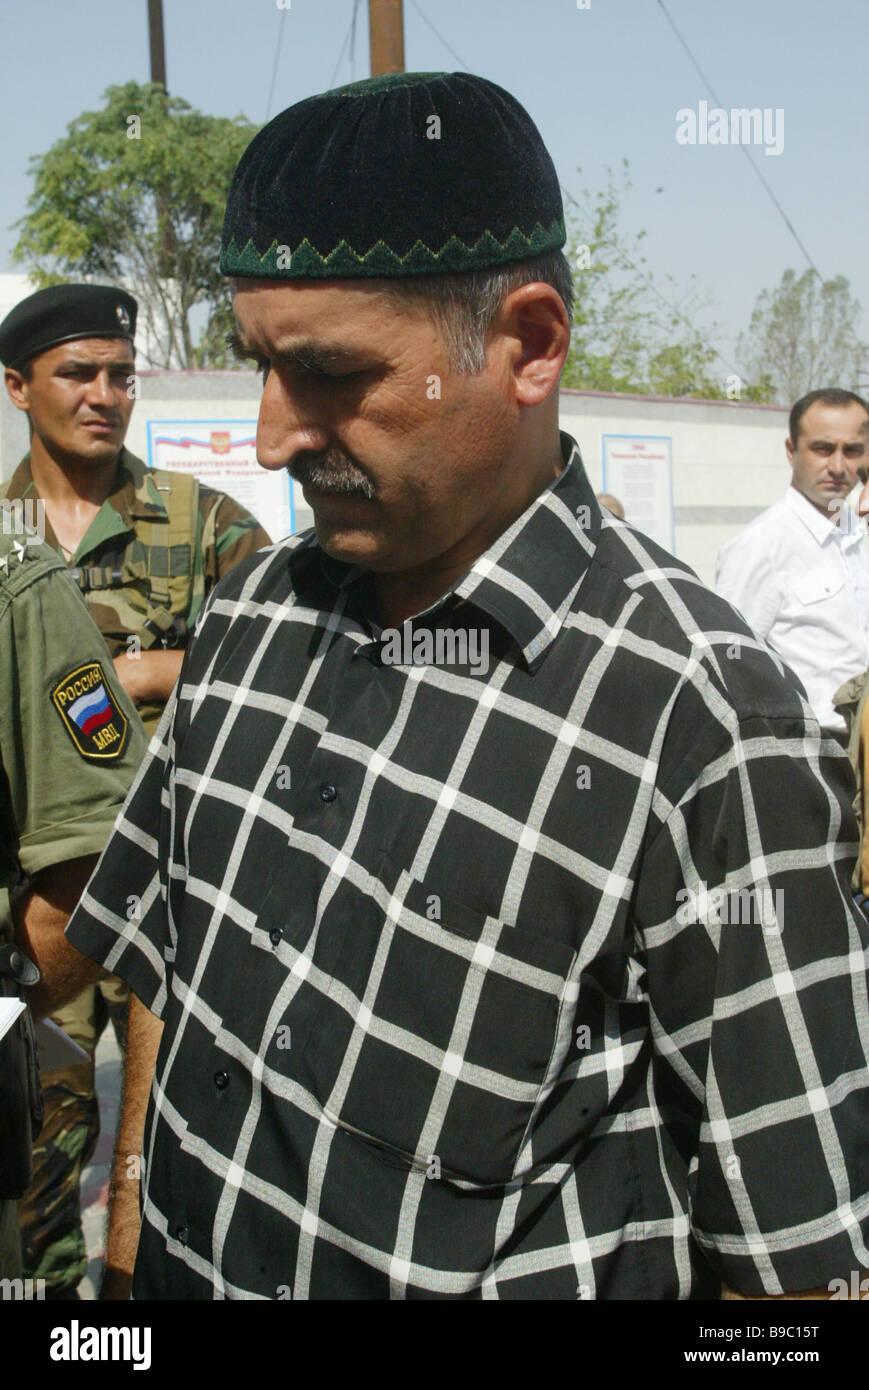 Uno de los miembros de las formaciones armadas ilegales que se entregó a las autoridades en Gudermes Imagen De Stock